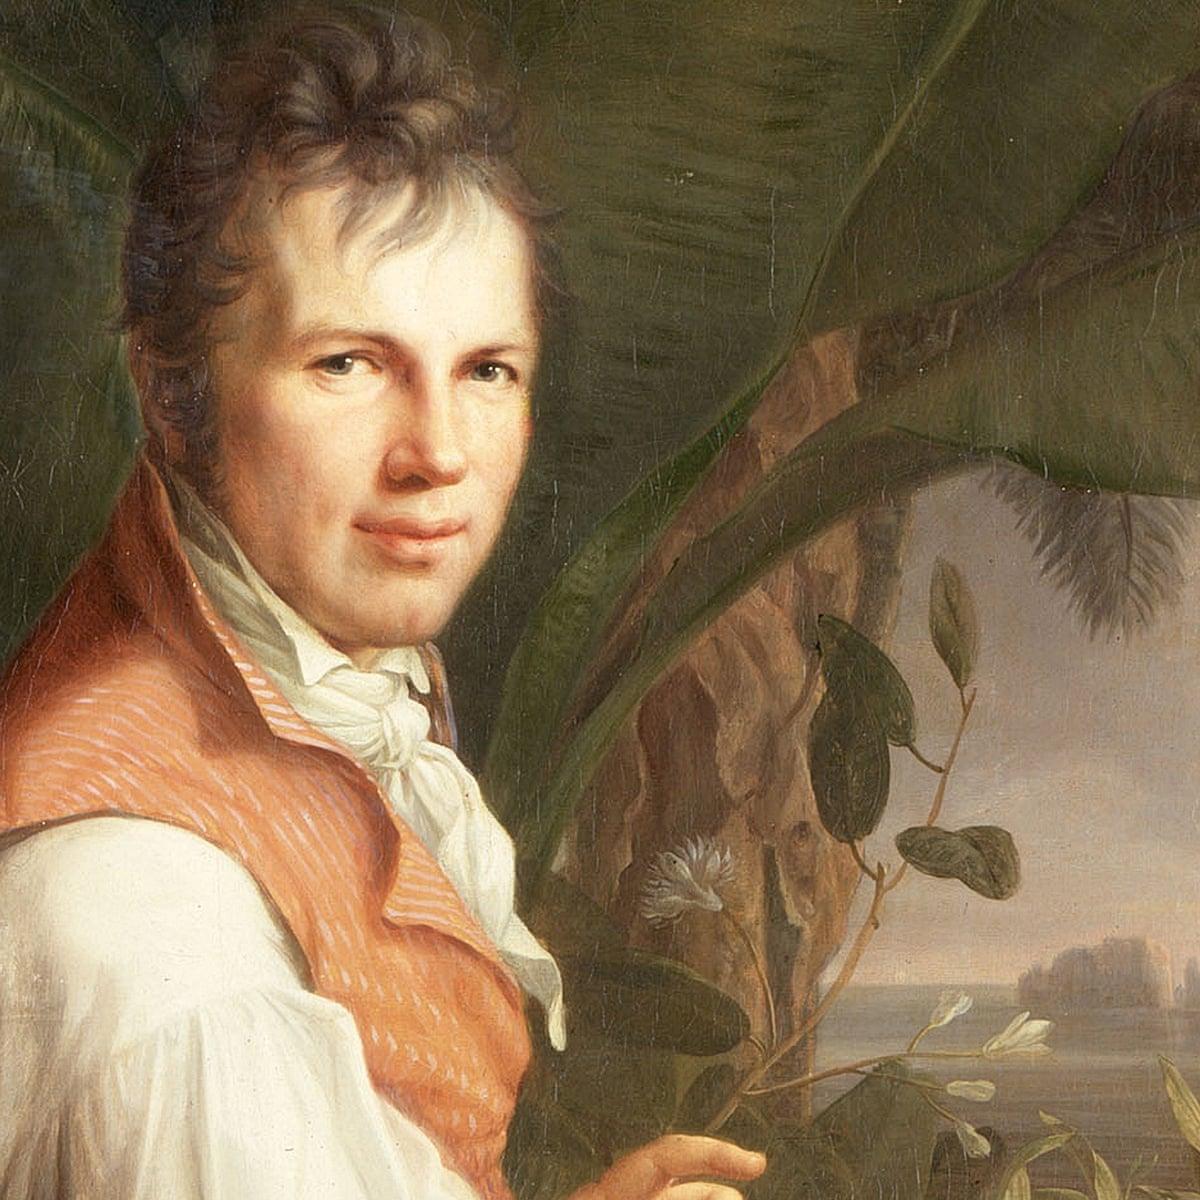 Humboldt, a természet nagy tudósa